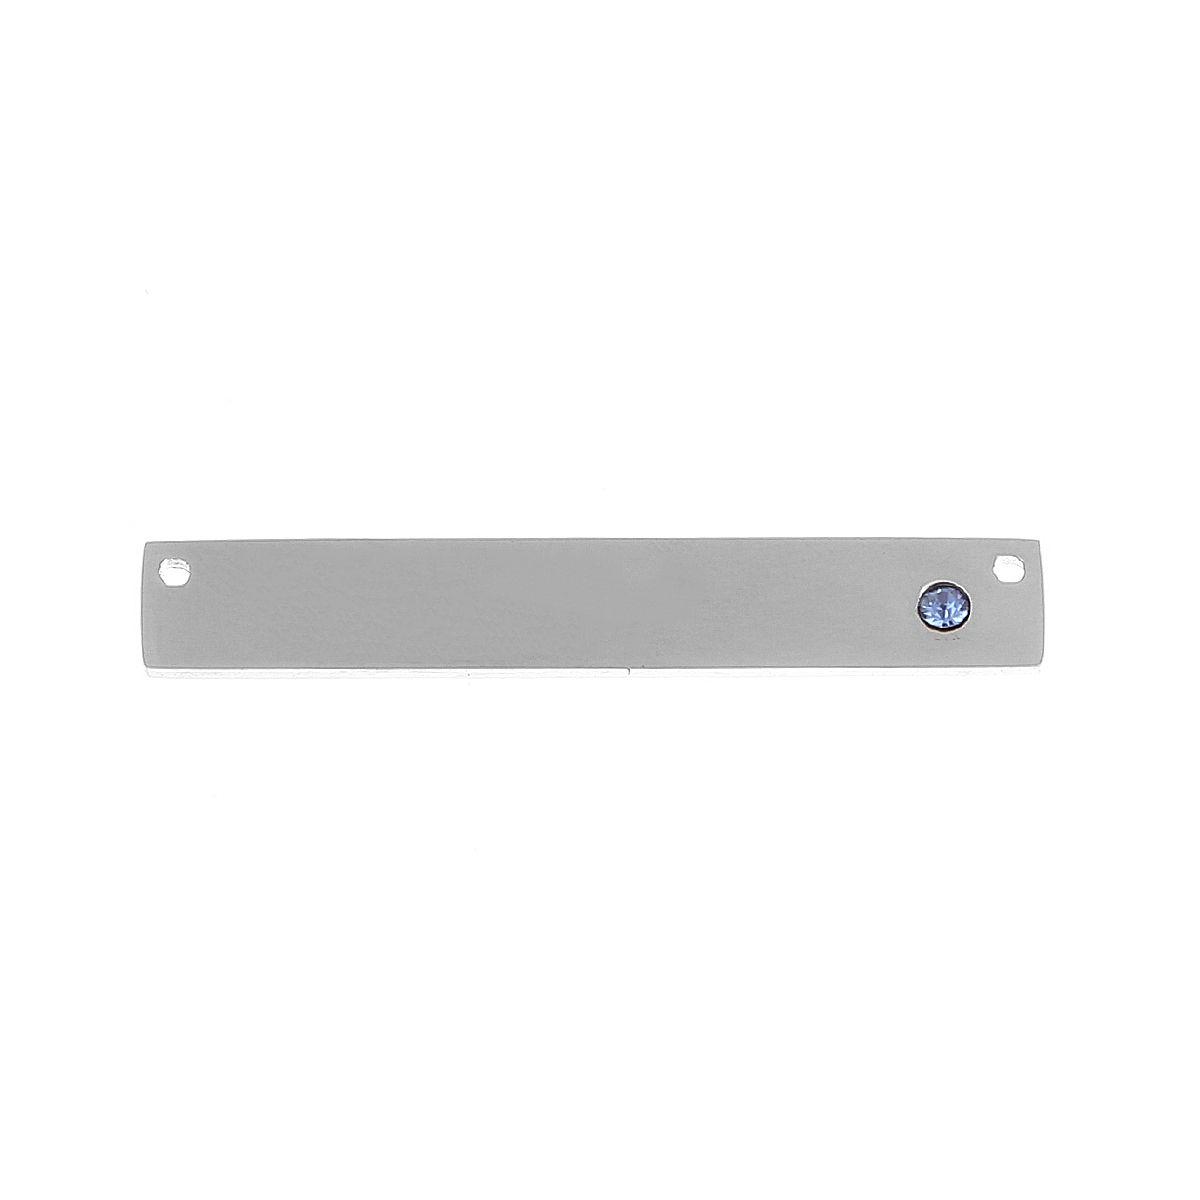 Schmuckverbinder Monatsstein  - 1 Stück - 38 x 6 mm